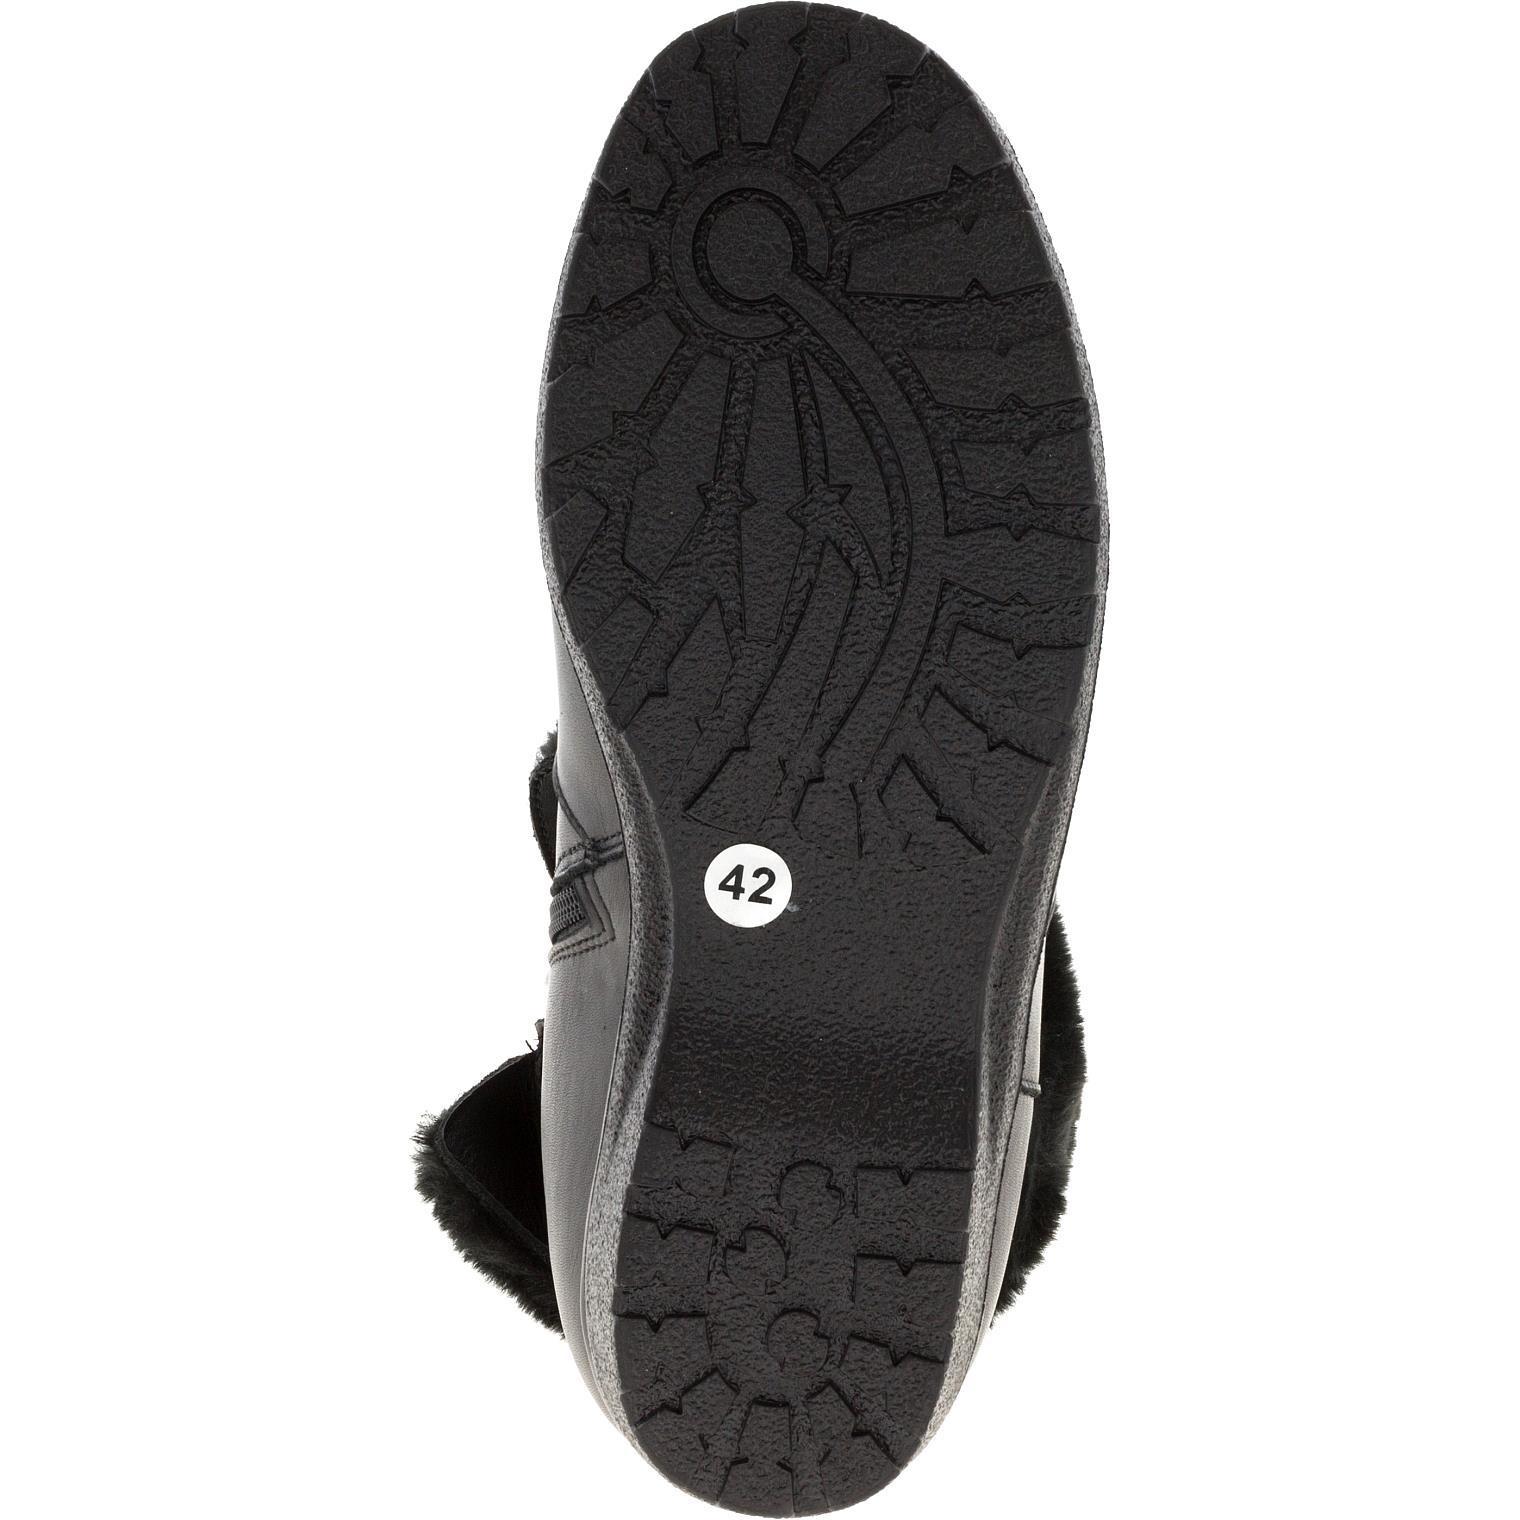 574401 Полусапожки женские черные кожа больших размеров марки Делфино